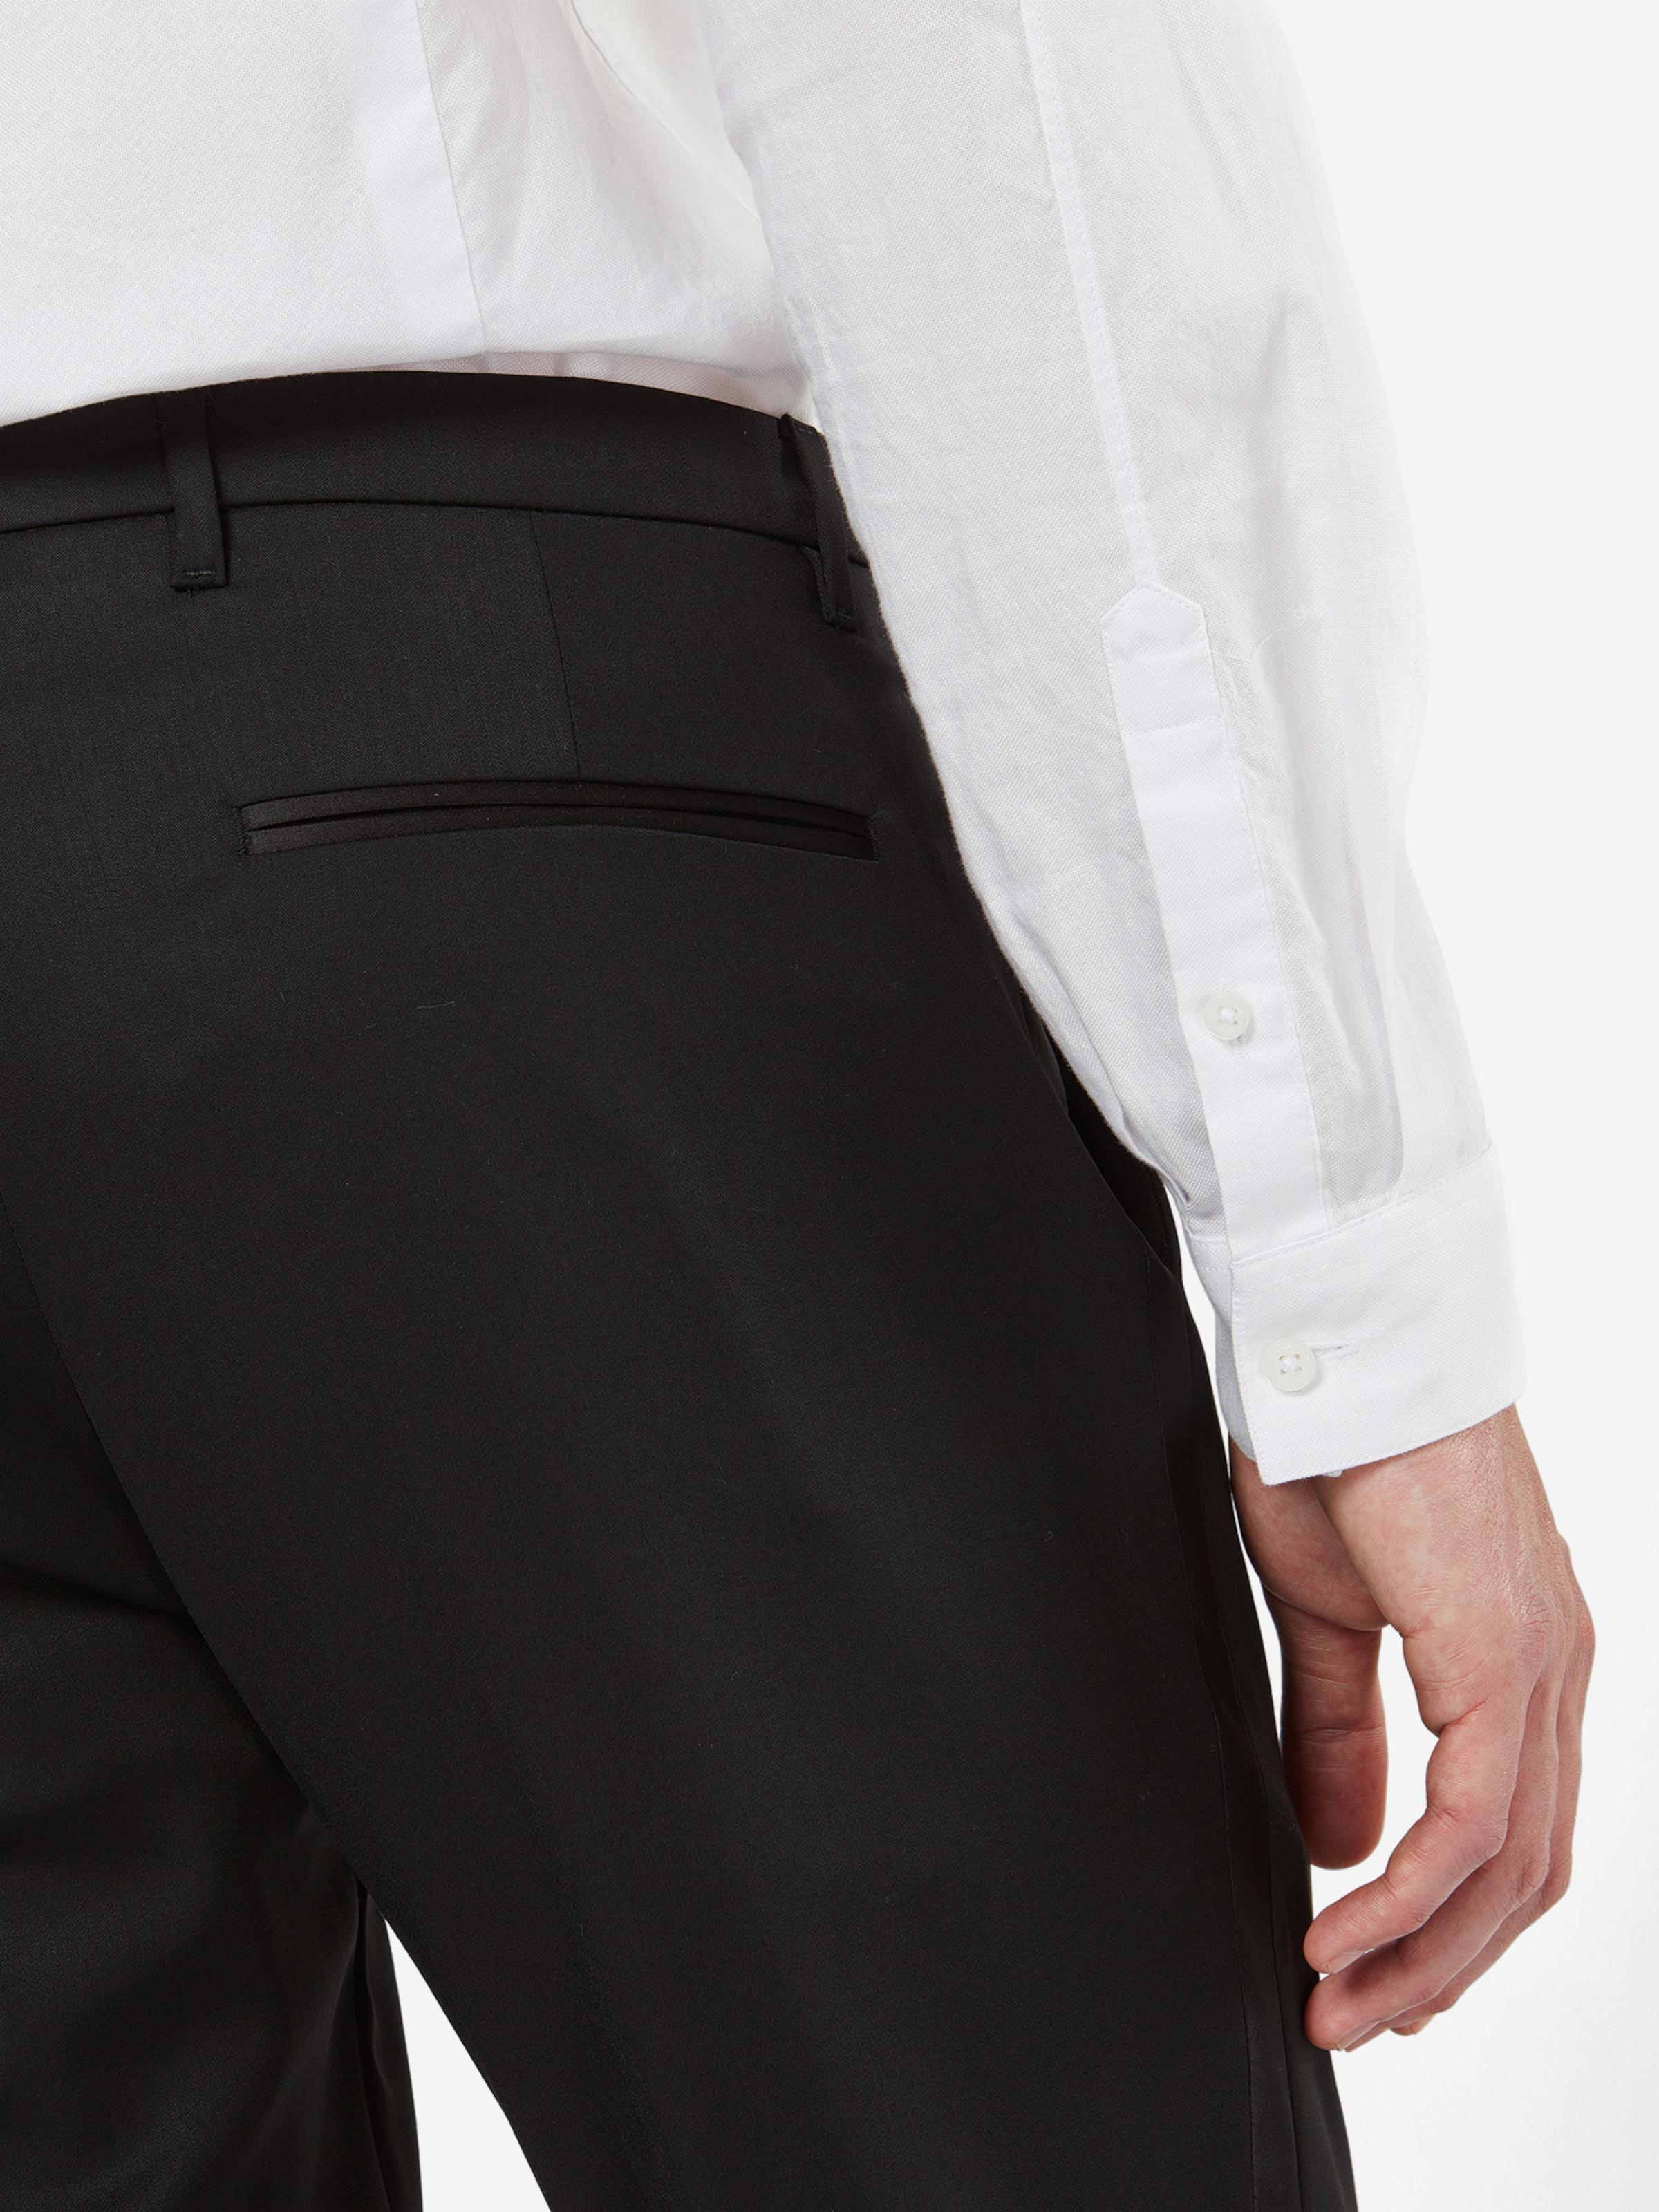 DRYKORN Slim fit Hose 'Foot_S' Kaufen Authentische Online Große Überraschung Günstig Online pGyfPuH5Qj